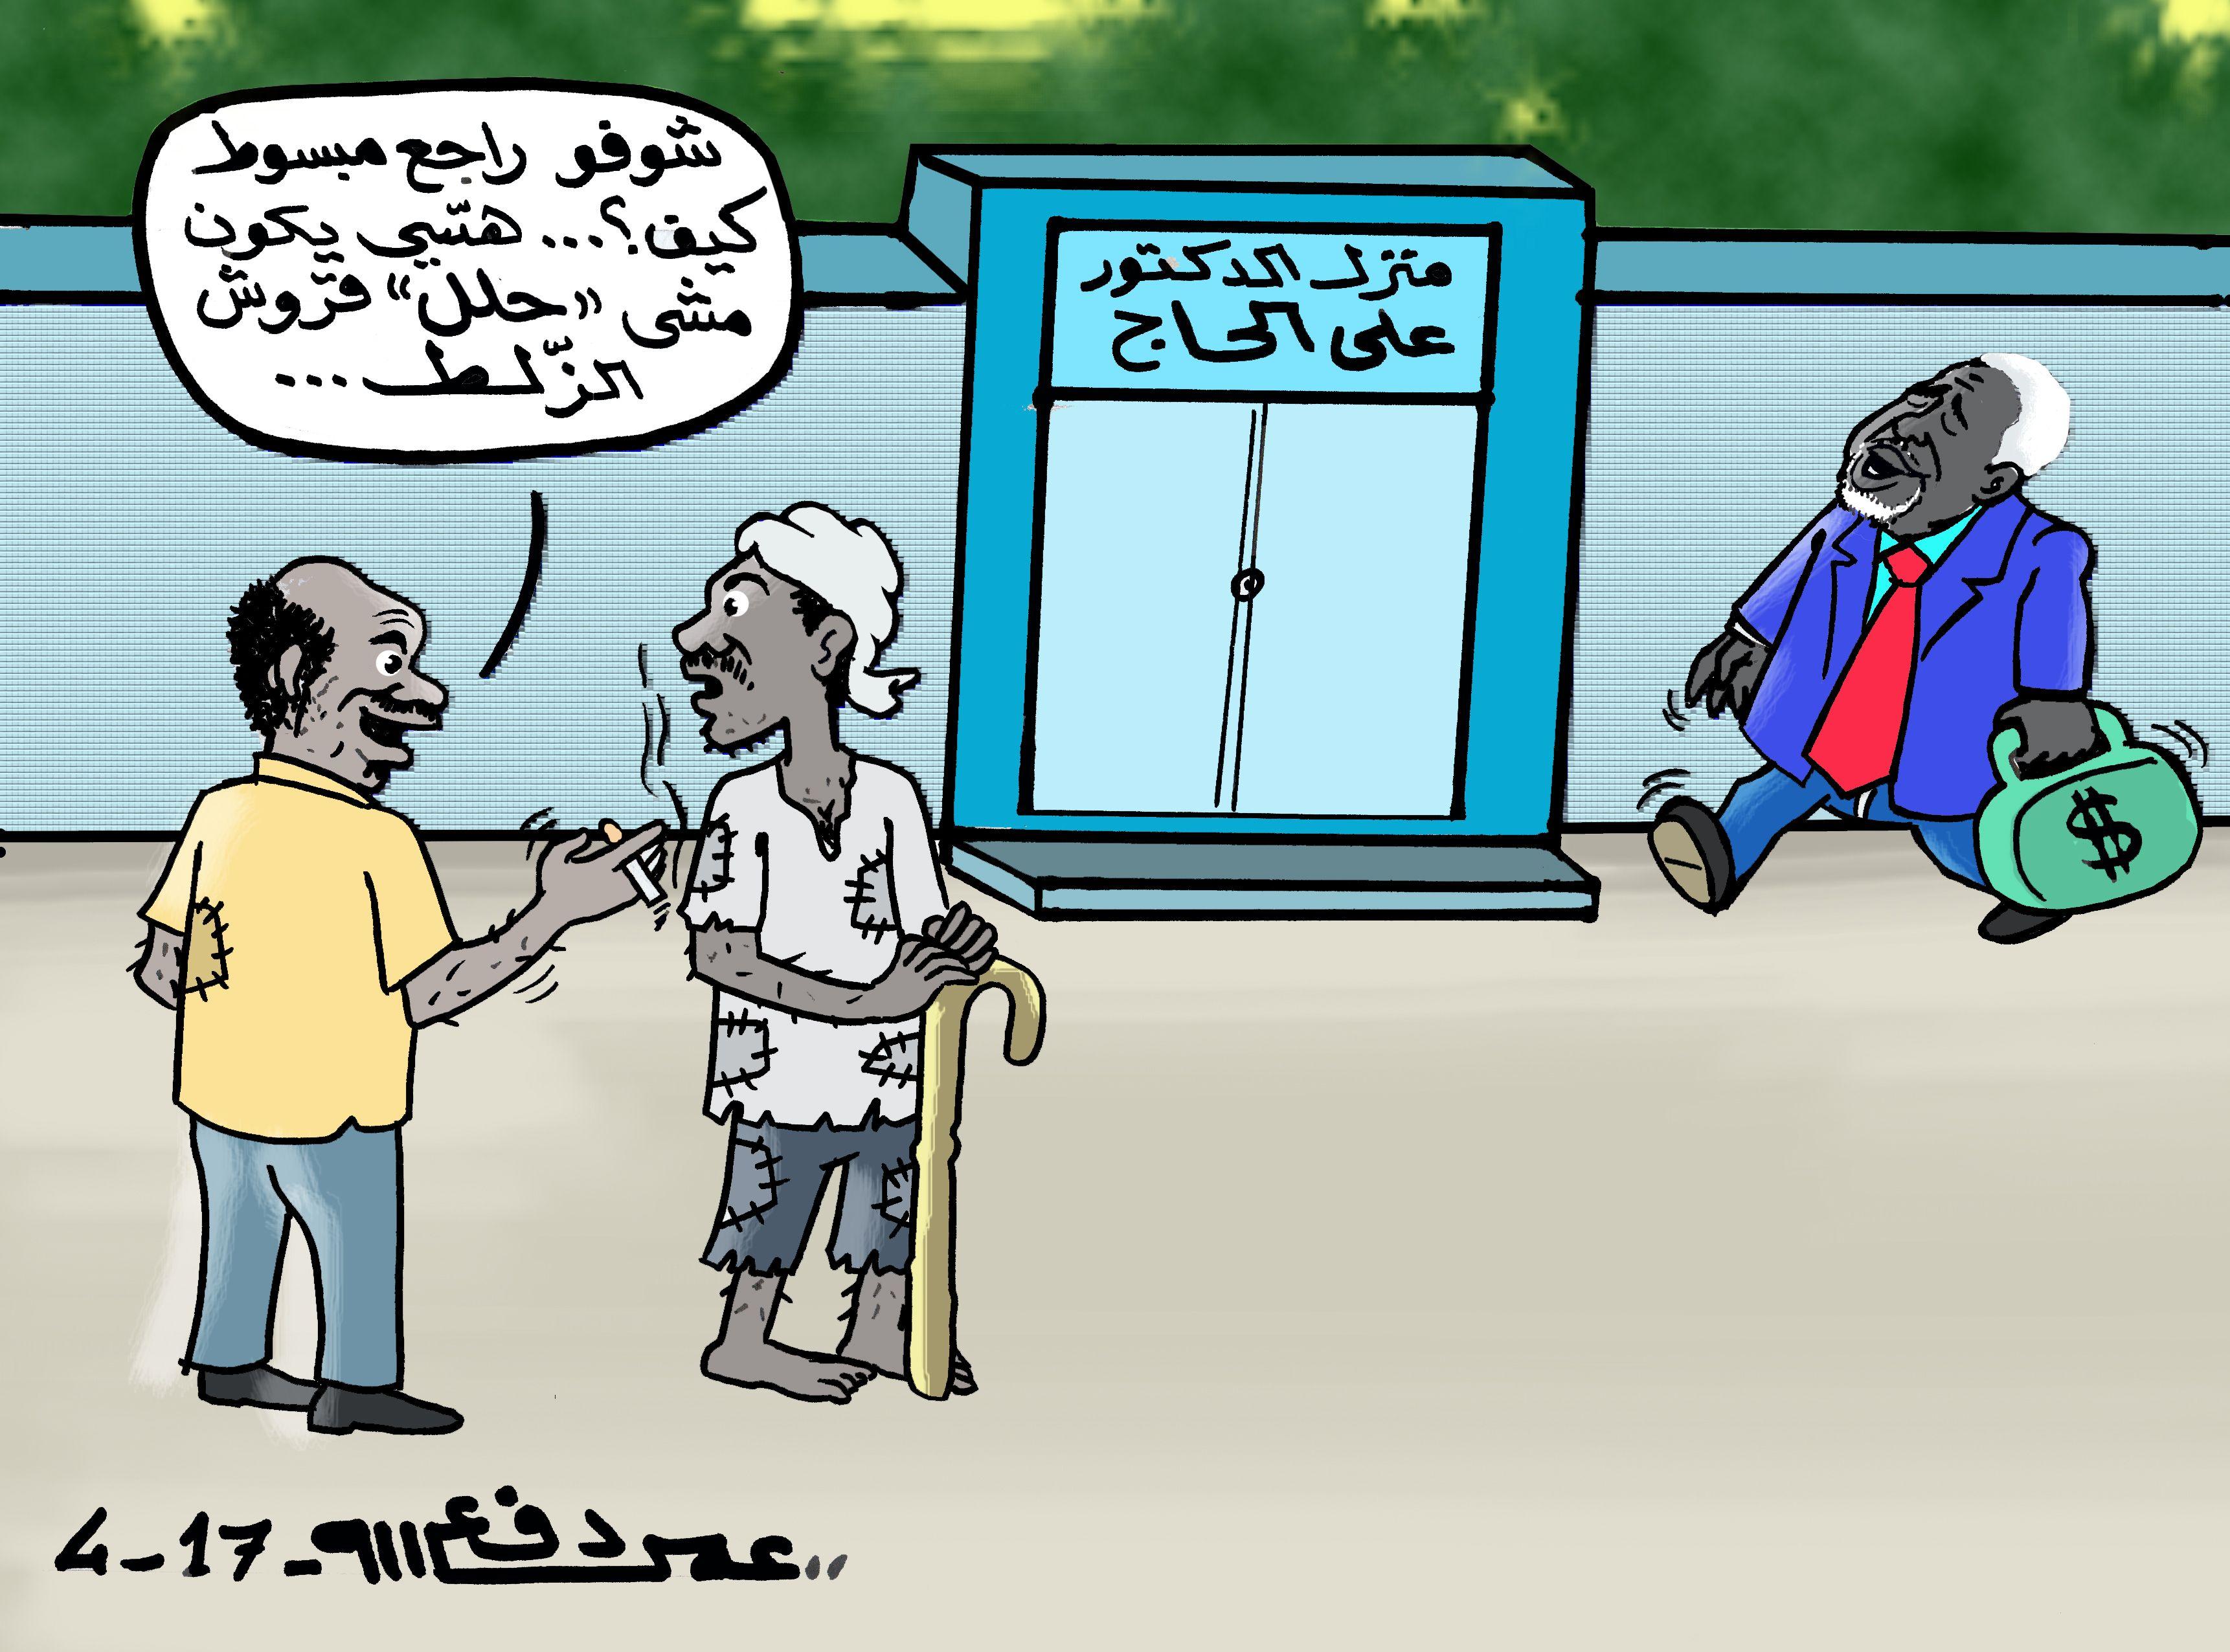 كاركاتير اليوم الموافق 06 ابريل 2017 للفنان عمر دفع الله عن على الحاج